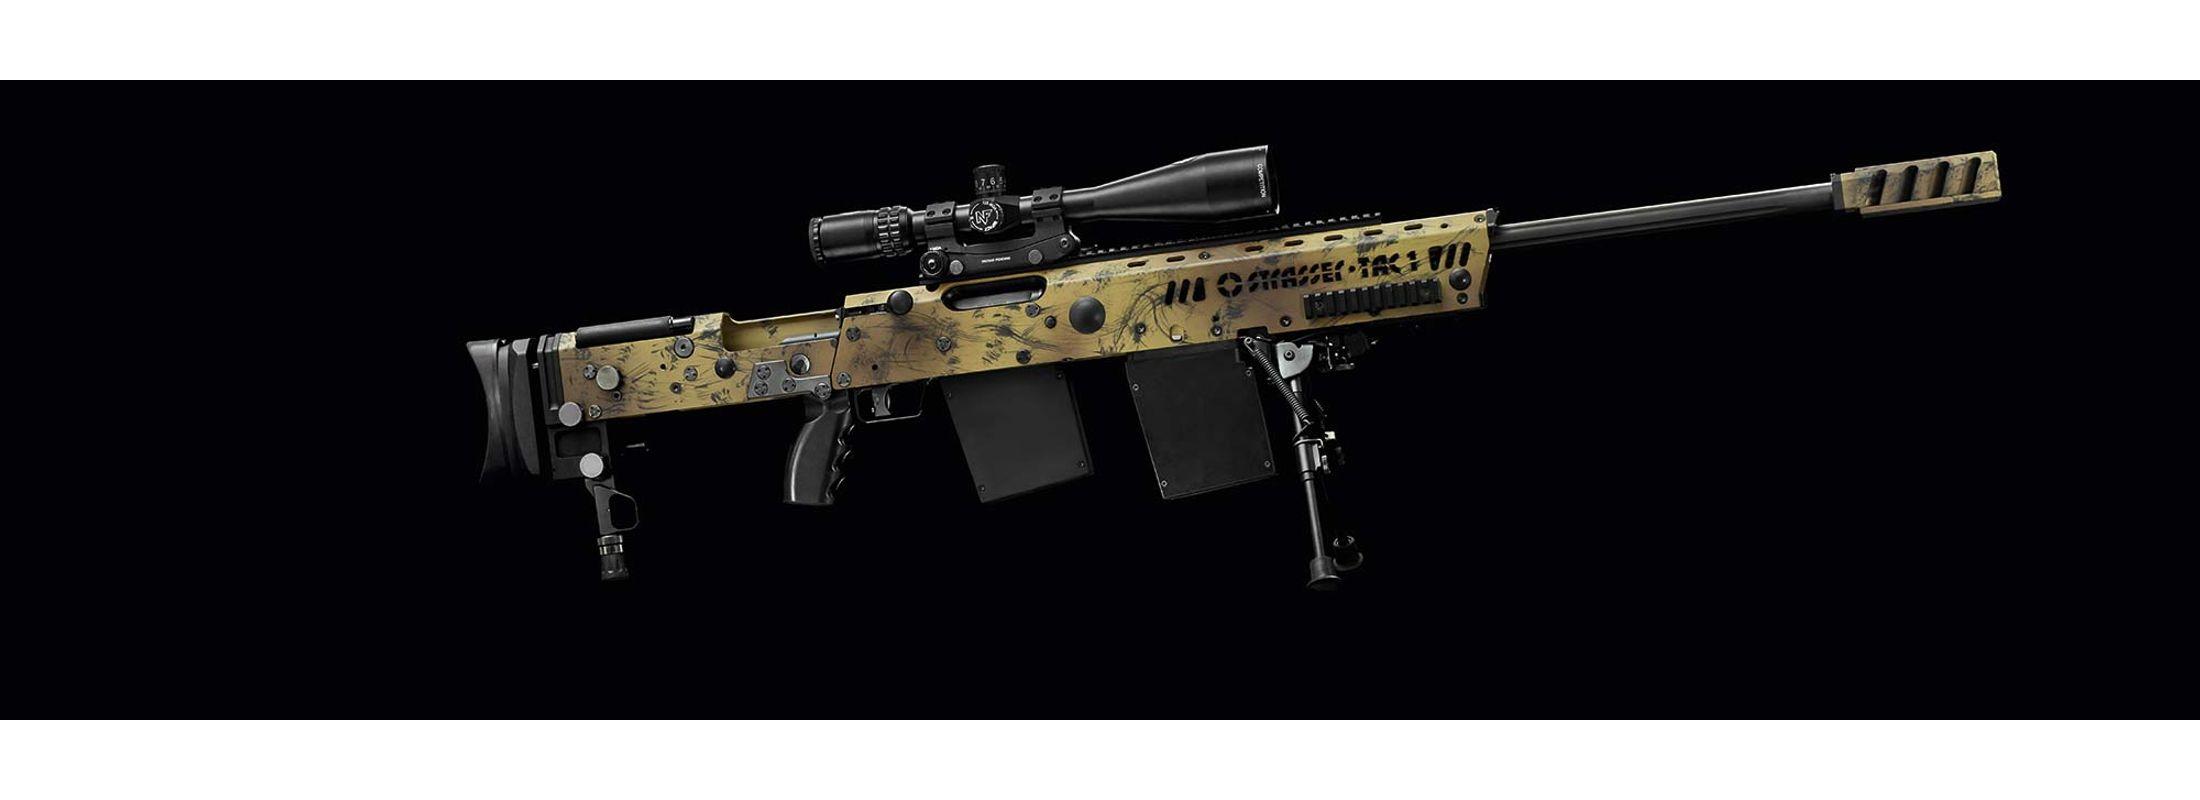 Strasser TAC 1 Sportgewehr